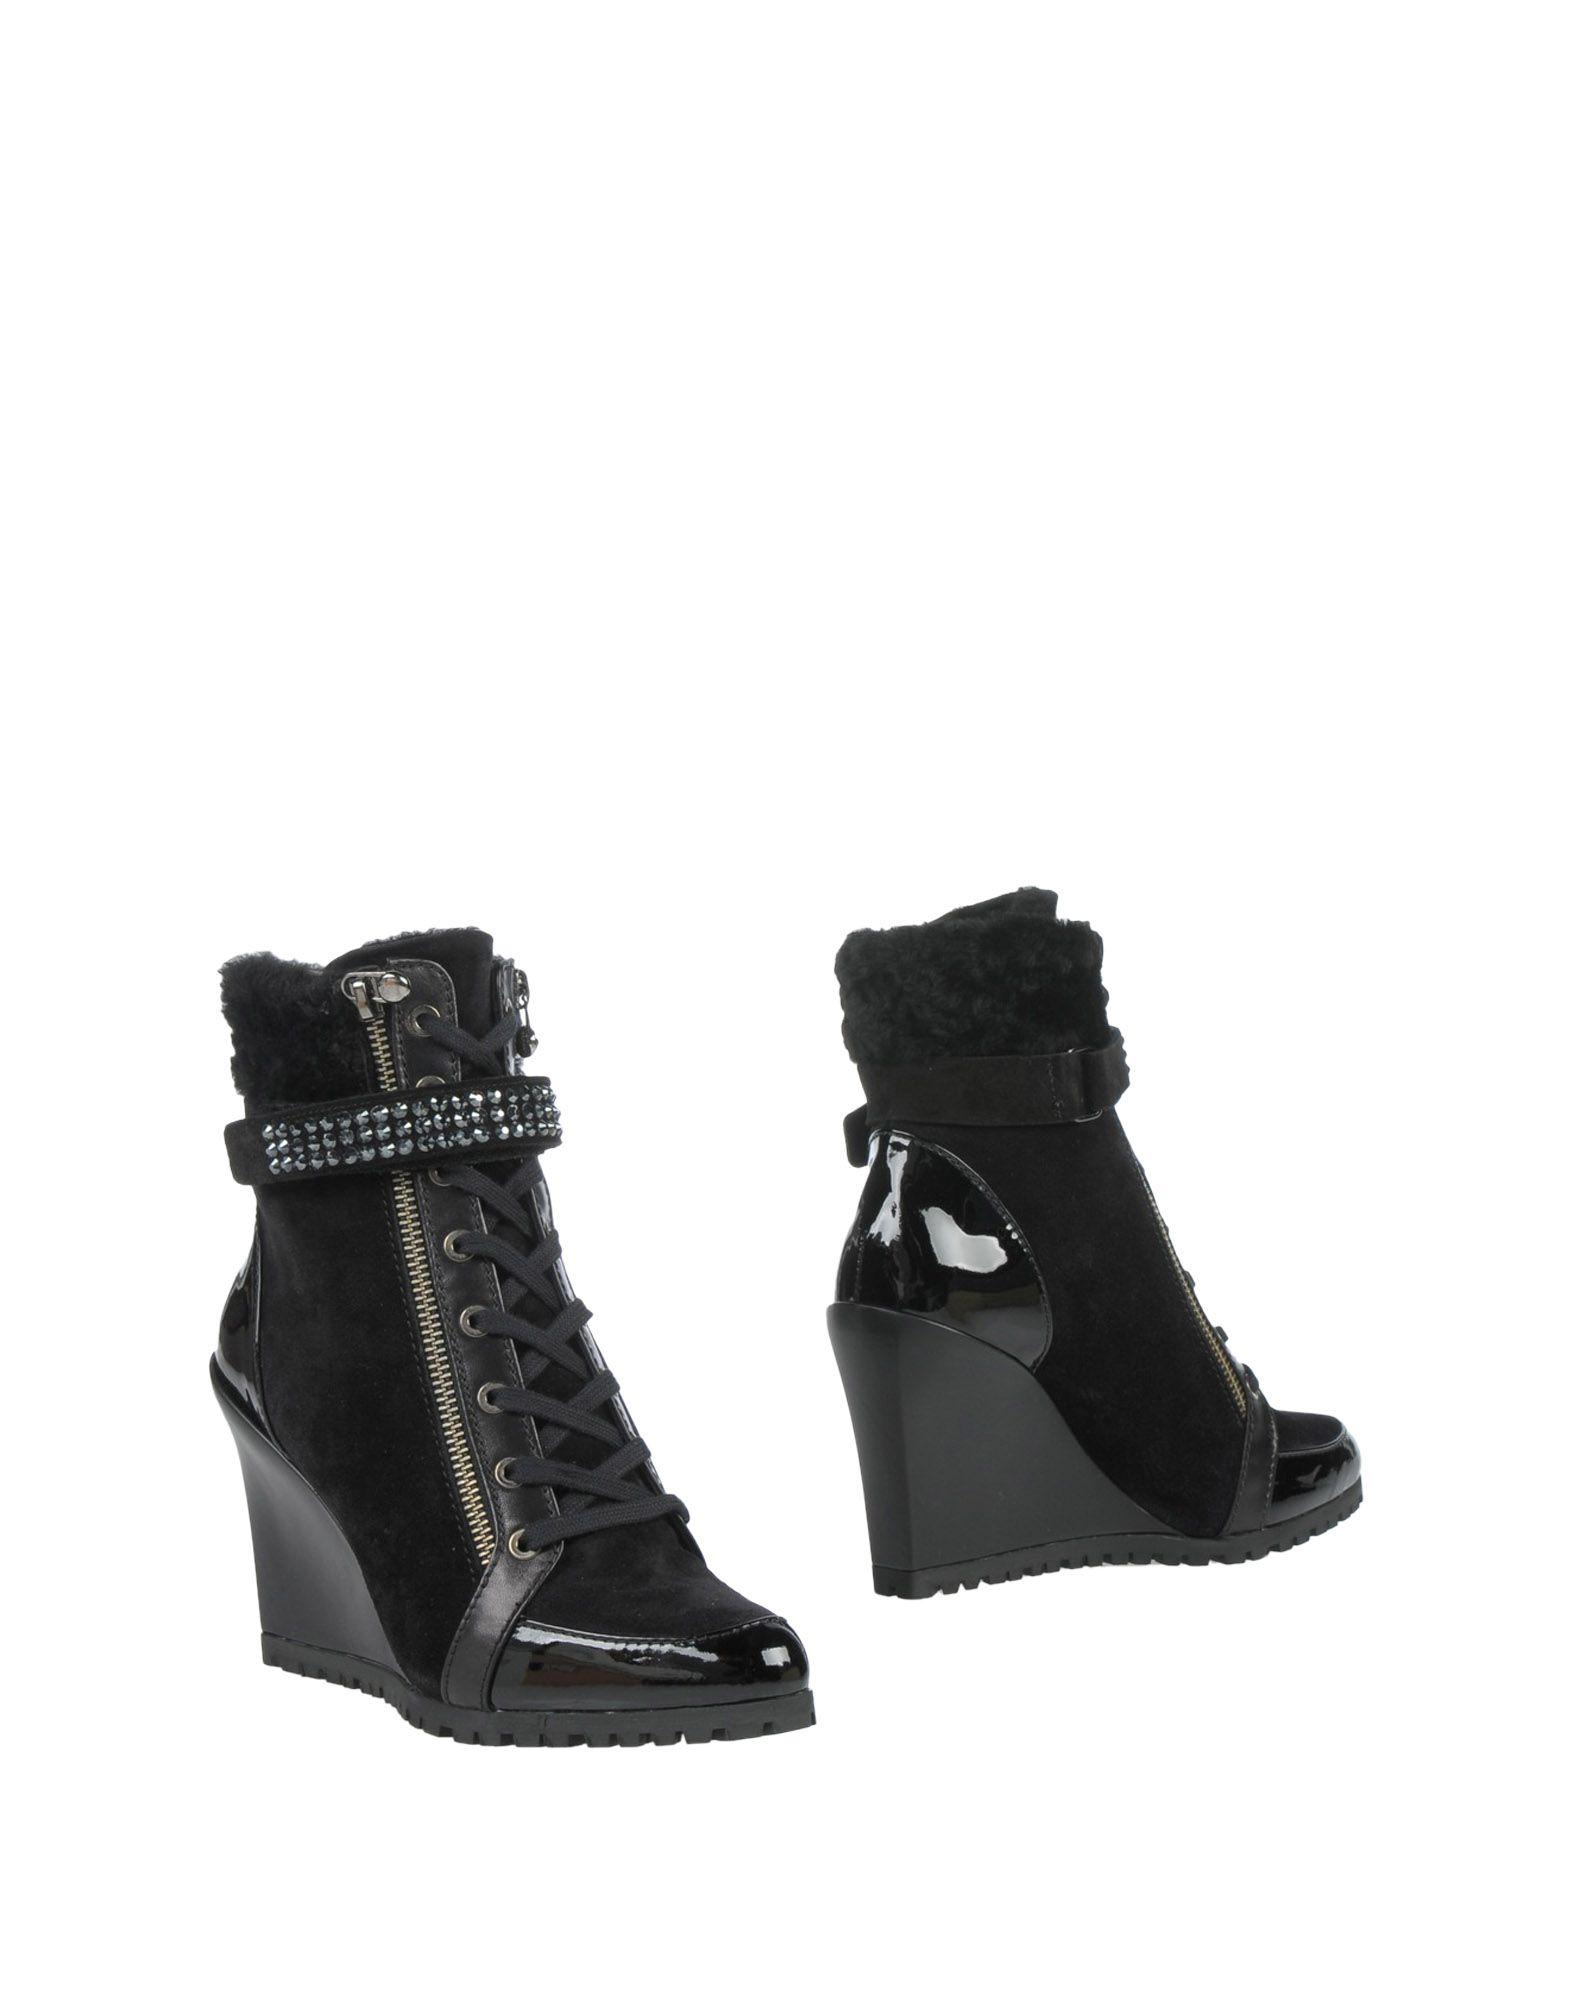 Vdp Collection Stiefelette Damen  11396119GA Gute Qualität beliebte Schuhe